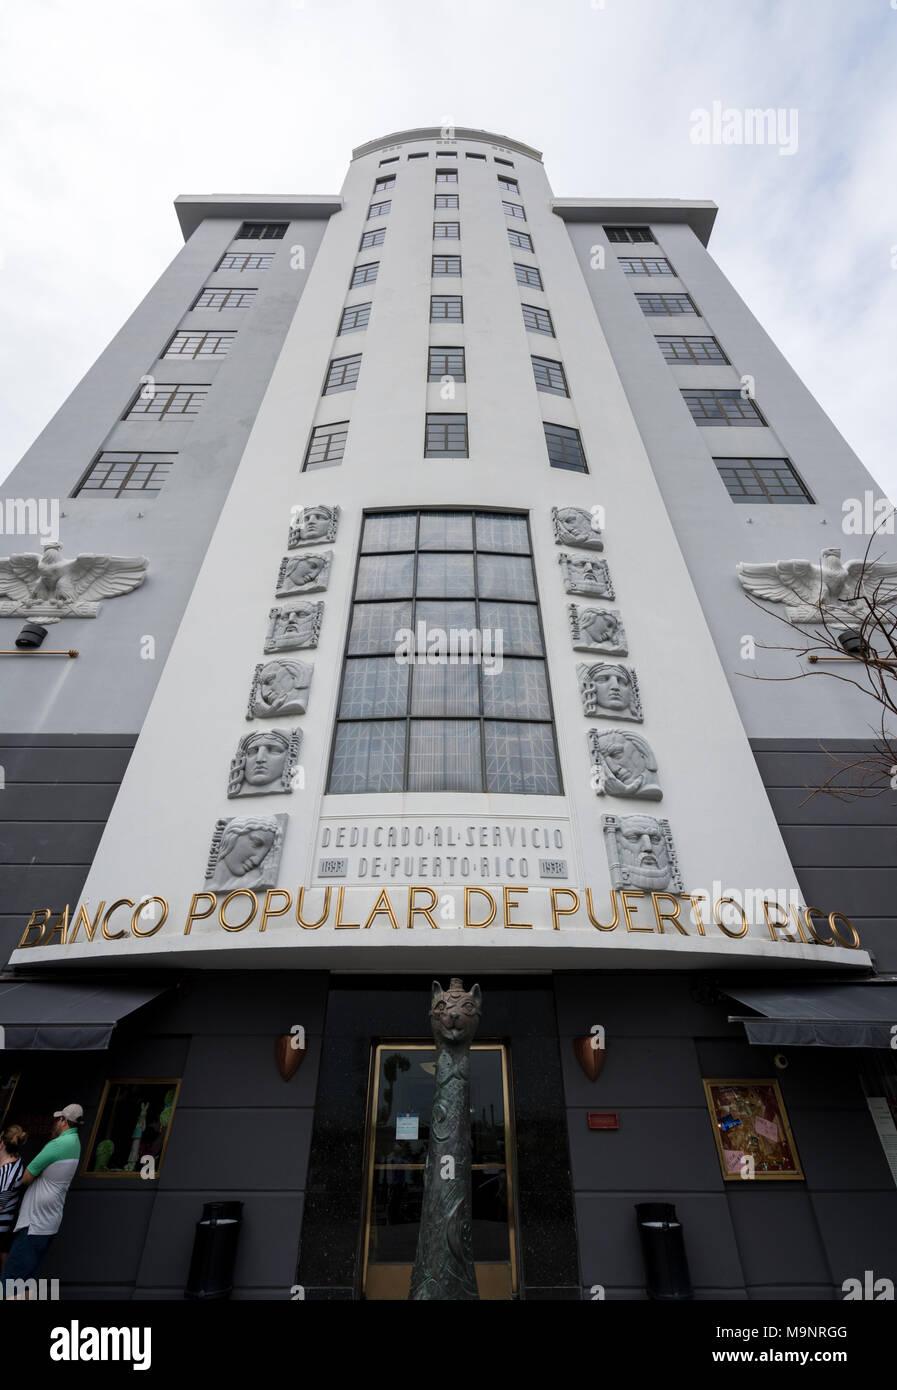 Banco Popular de Puerto Rico entrance in San Juan - Stock Image